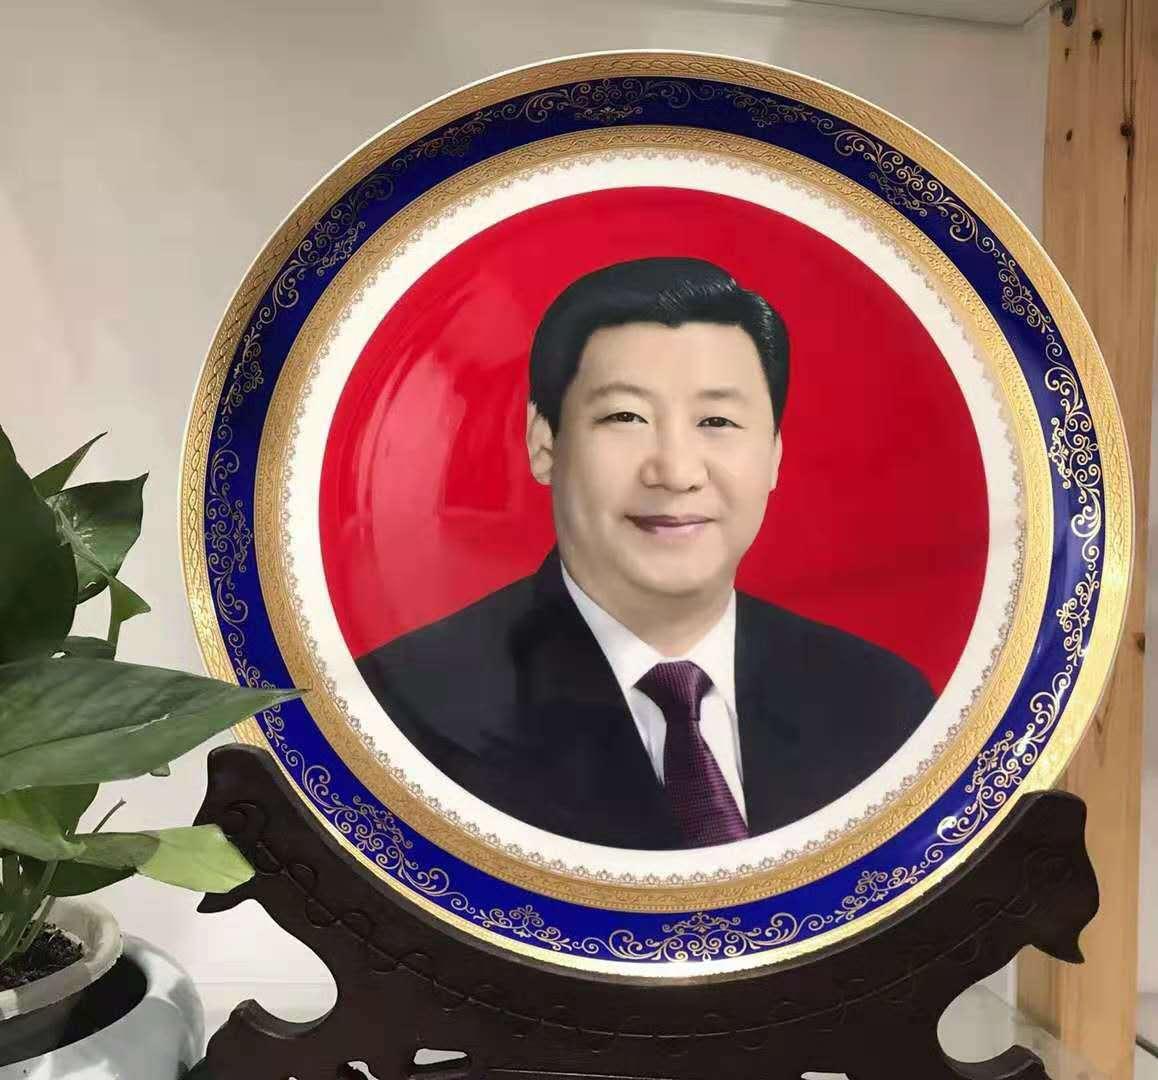 习主席人像纪念盘.jpg